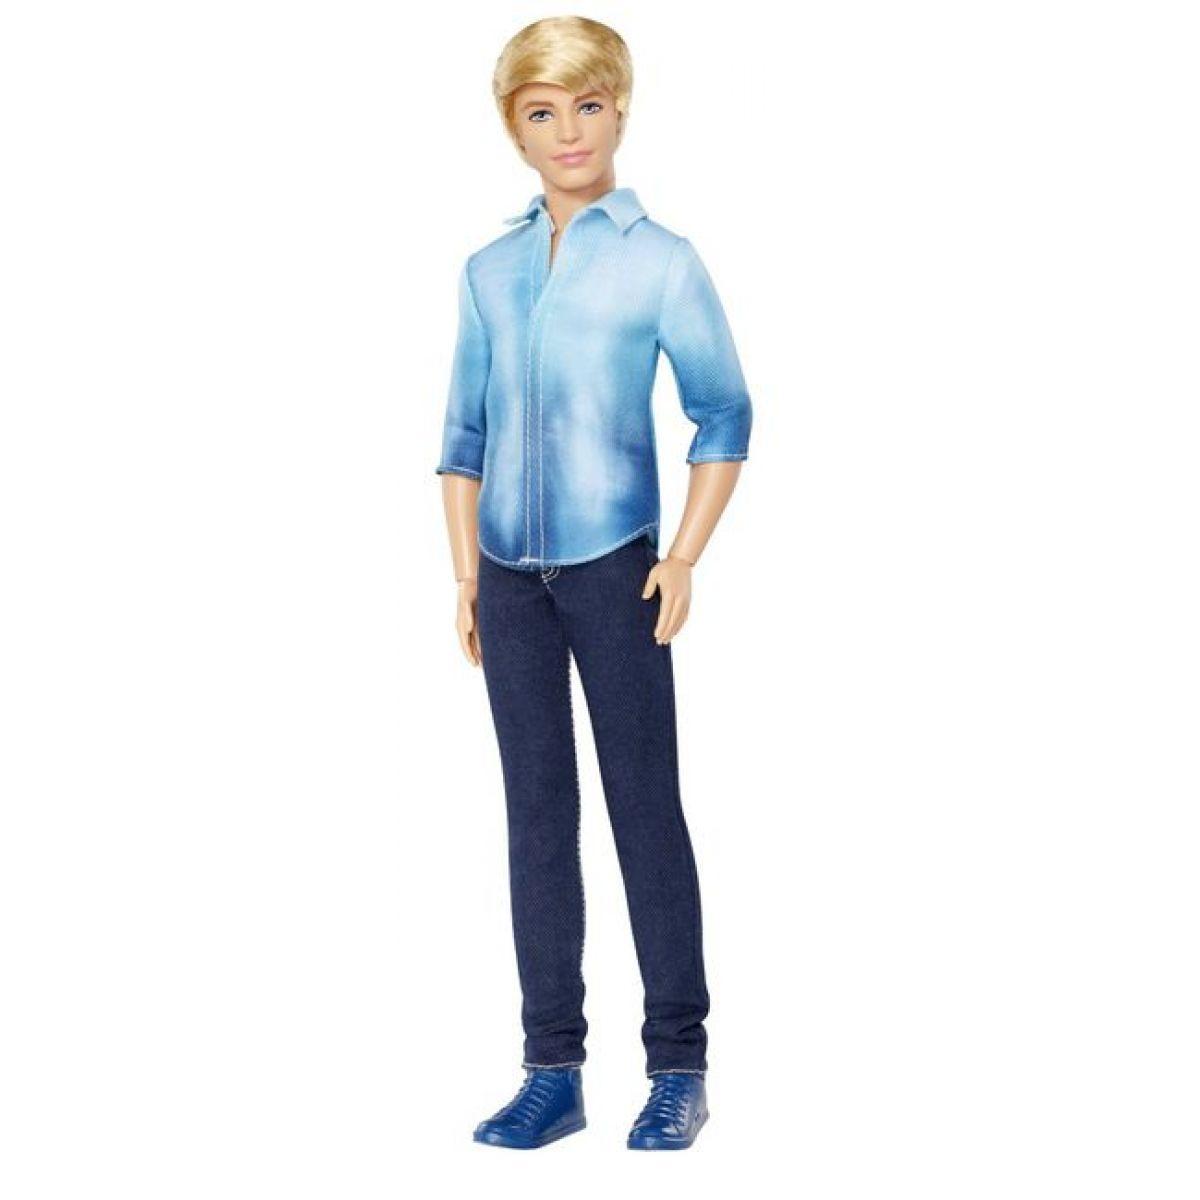 Barbie Fashionistas Ken - Ken v kalhotech